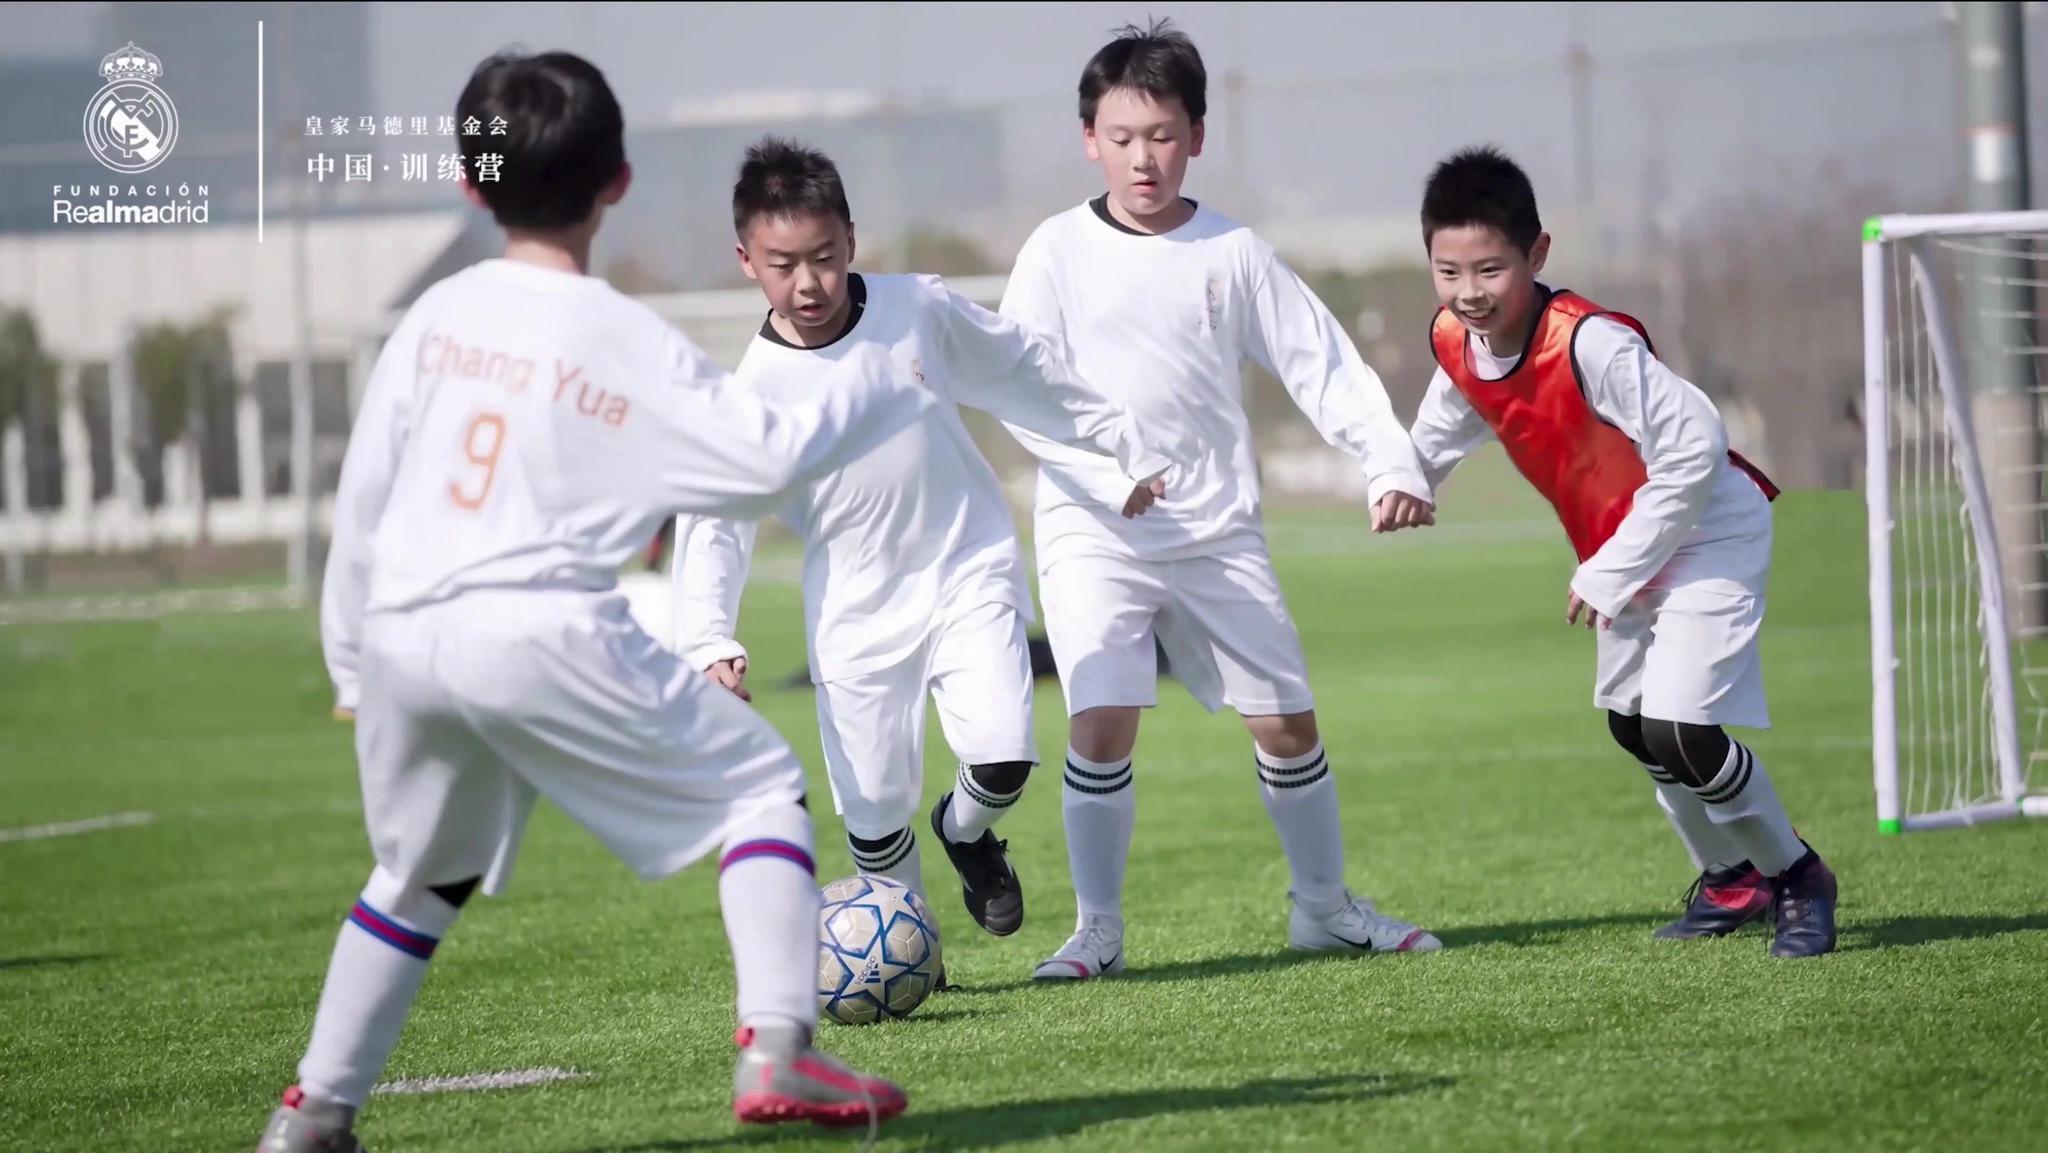 国际足球 换一个角度看足球——专访西班牙名宿卡西利亚斯